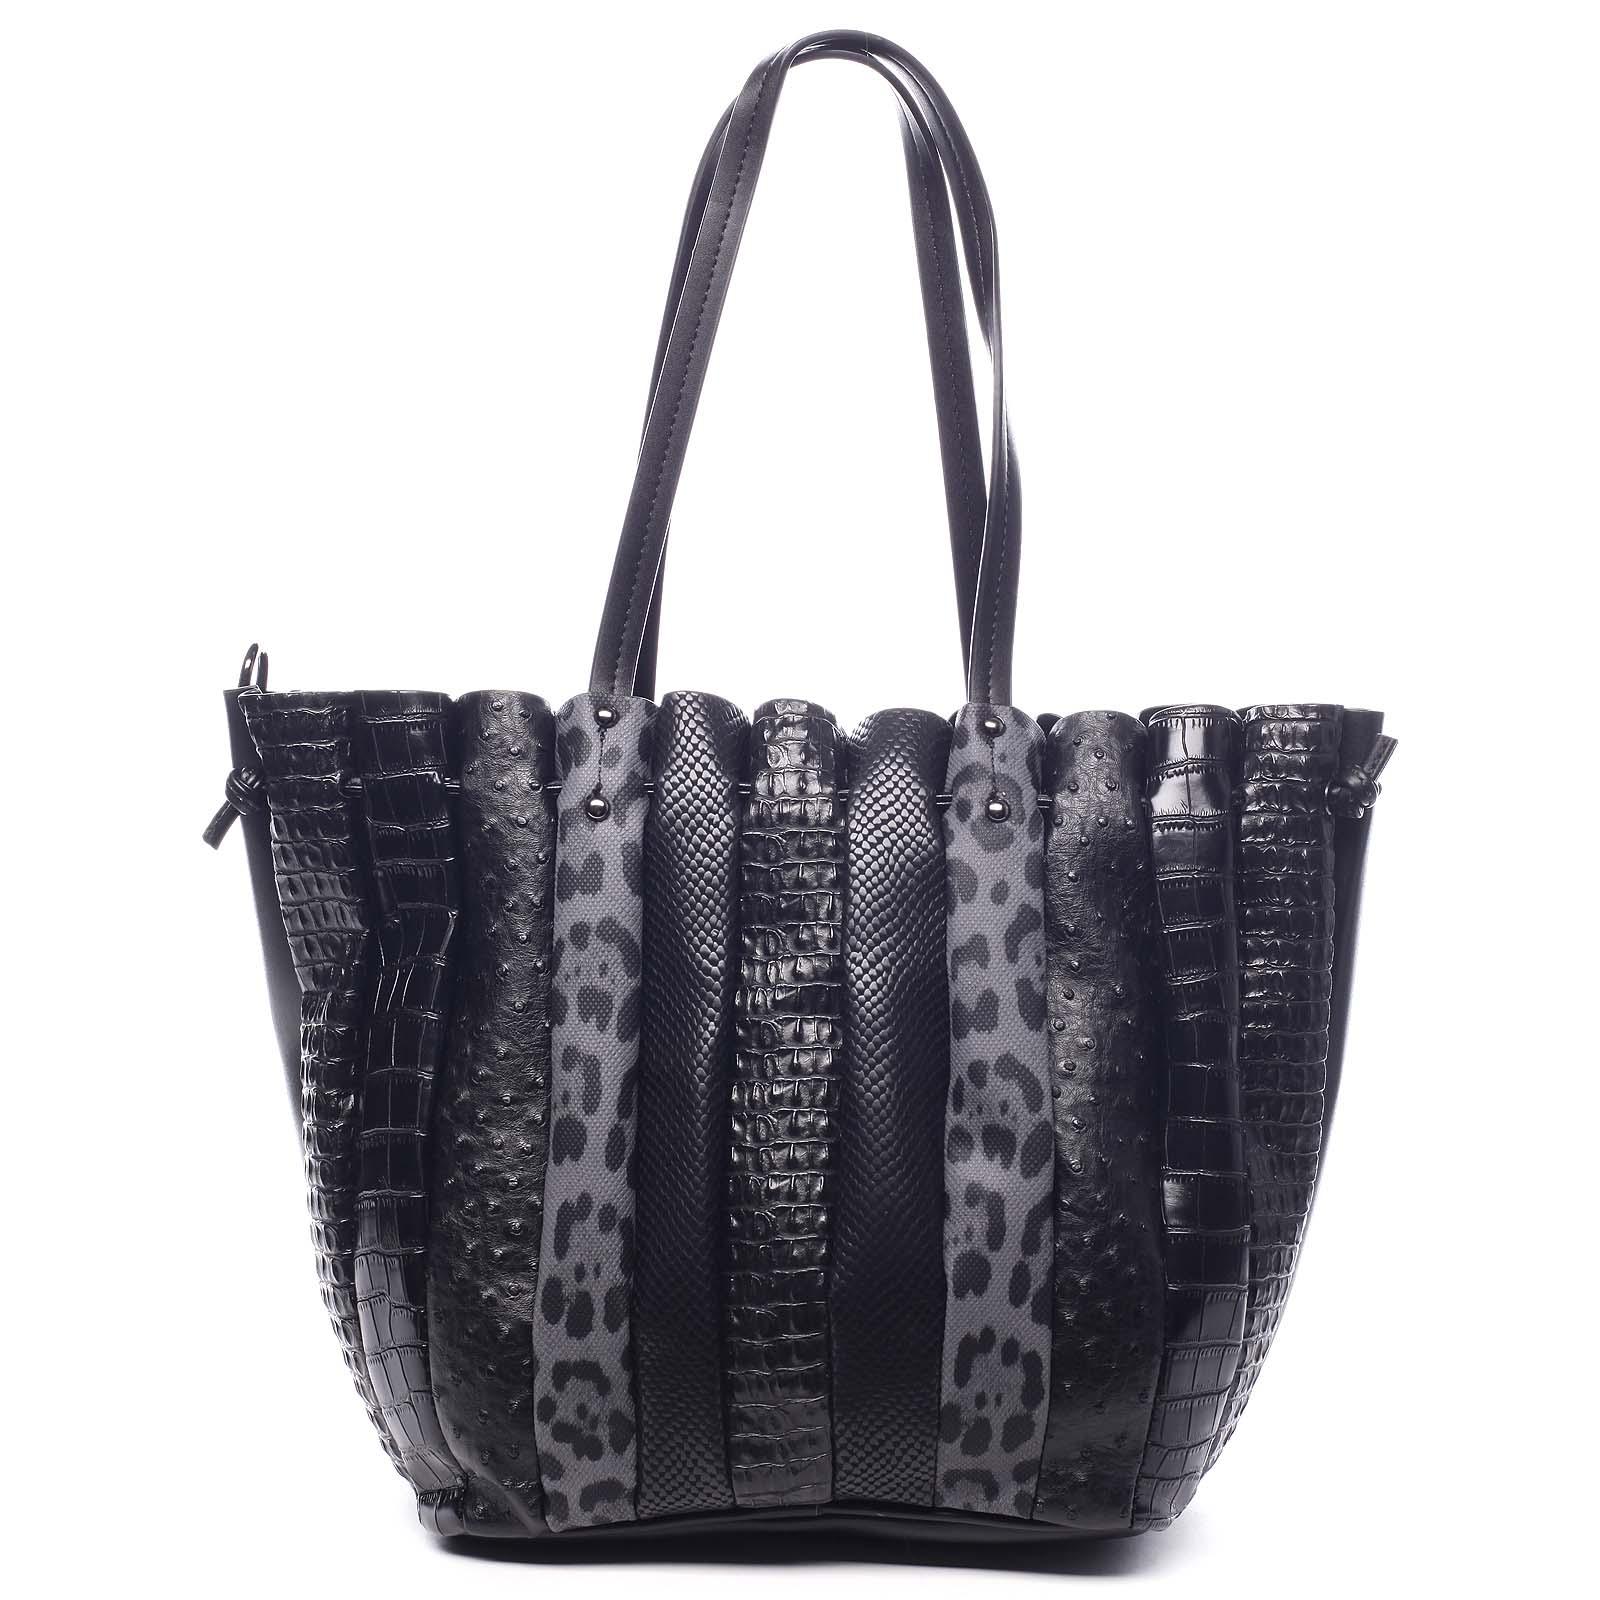 Dámská kabelka přes rameno černá - Dudlin Tola černá